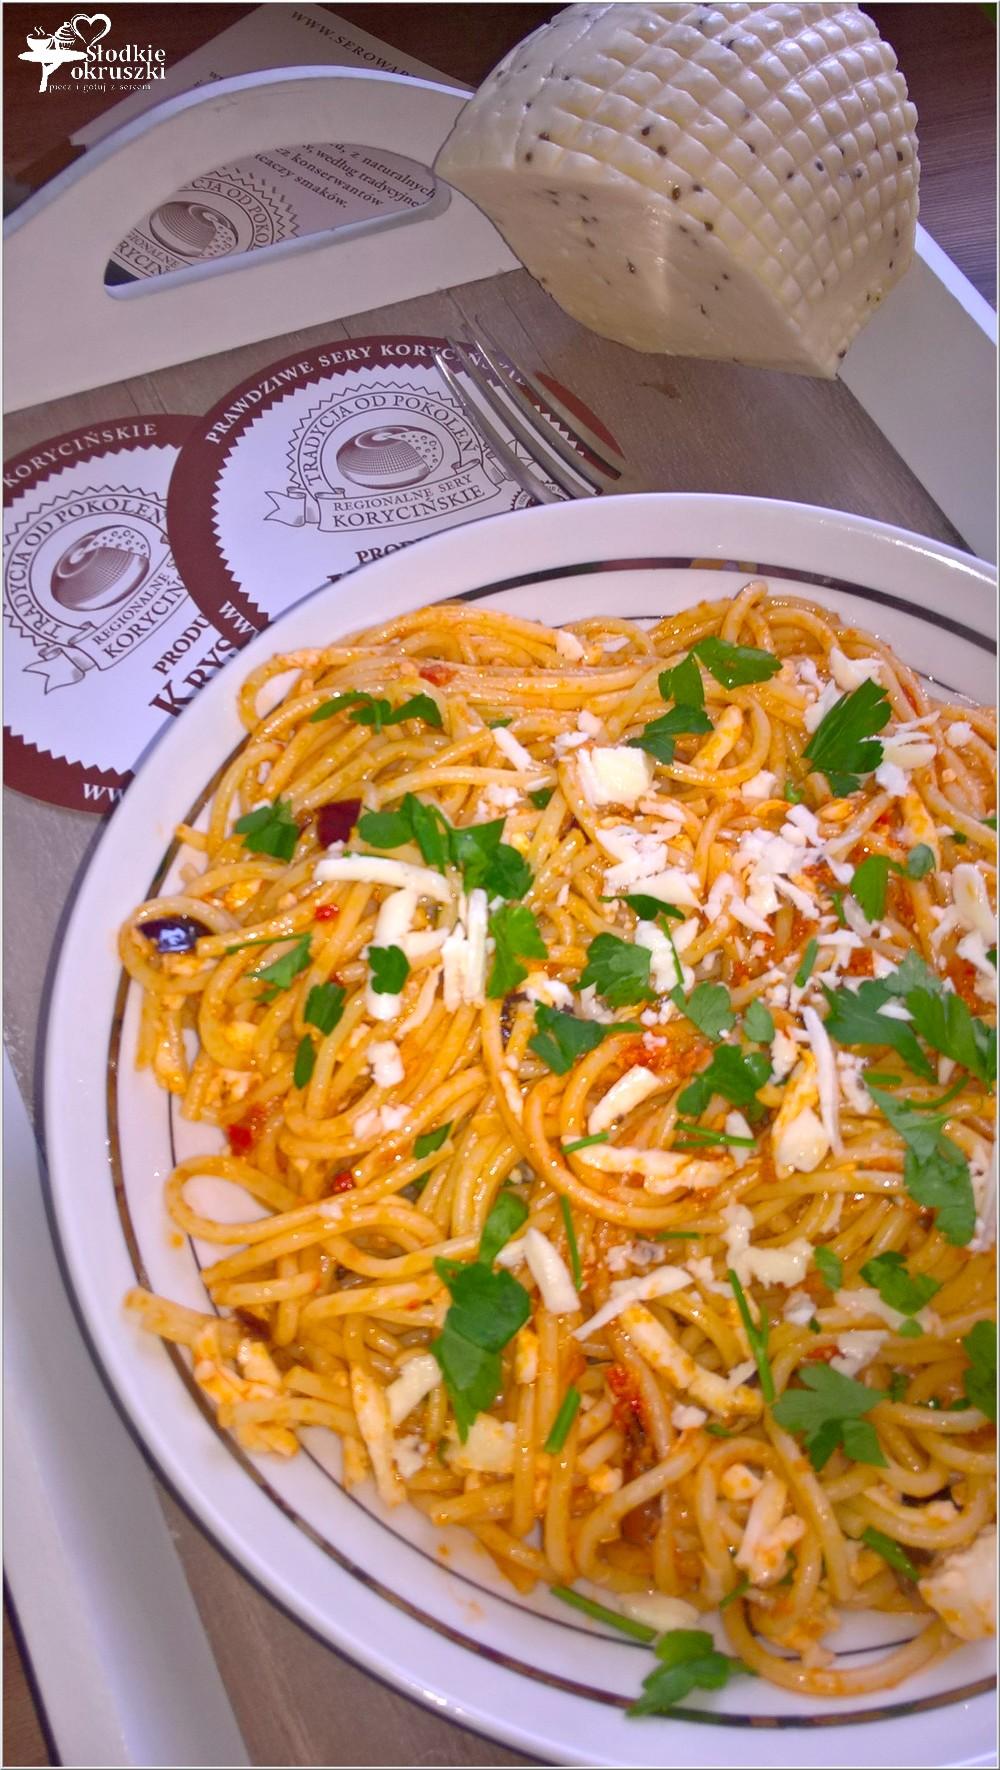 Spaghetti w pomidorowym pesto z serem korycińskim (3)